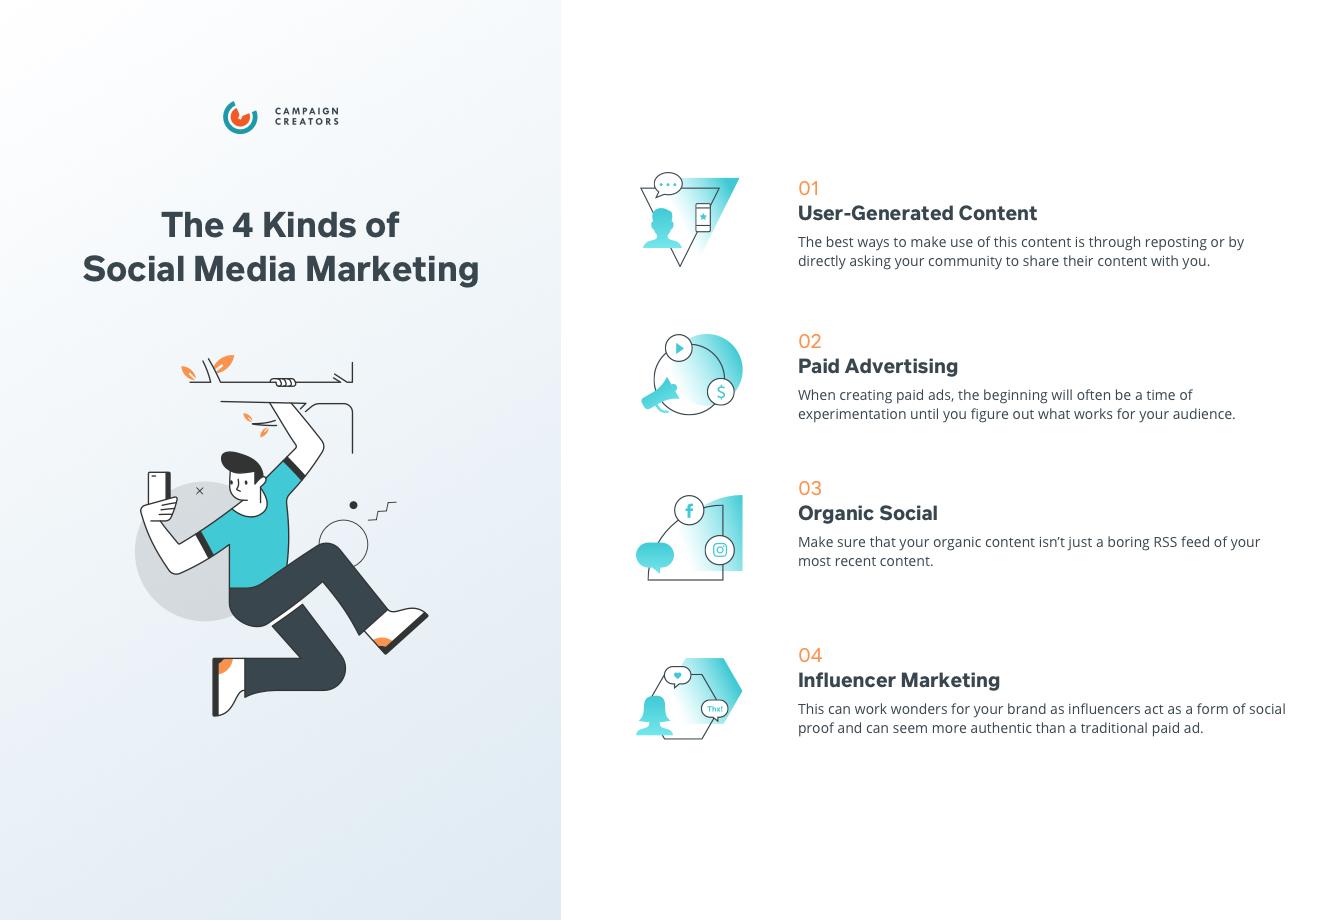 4 types of social media marketing